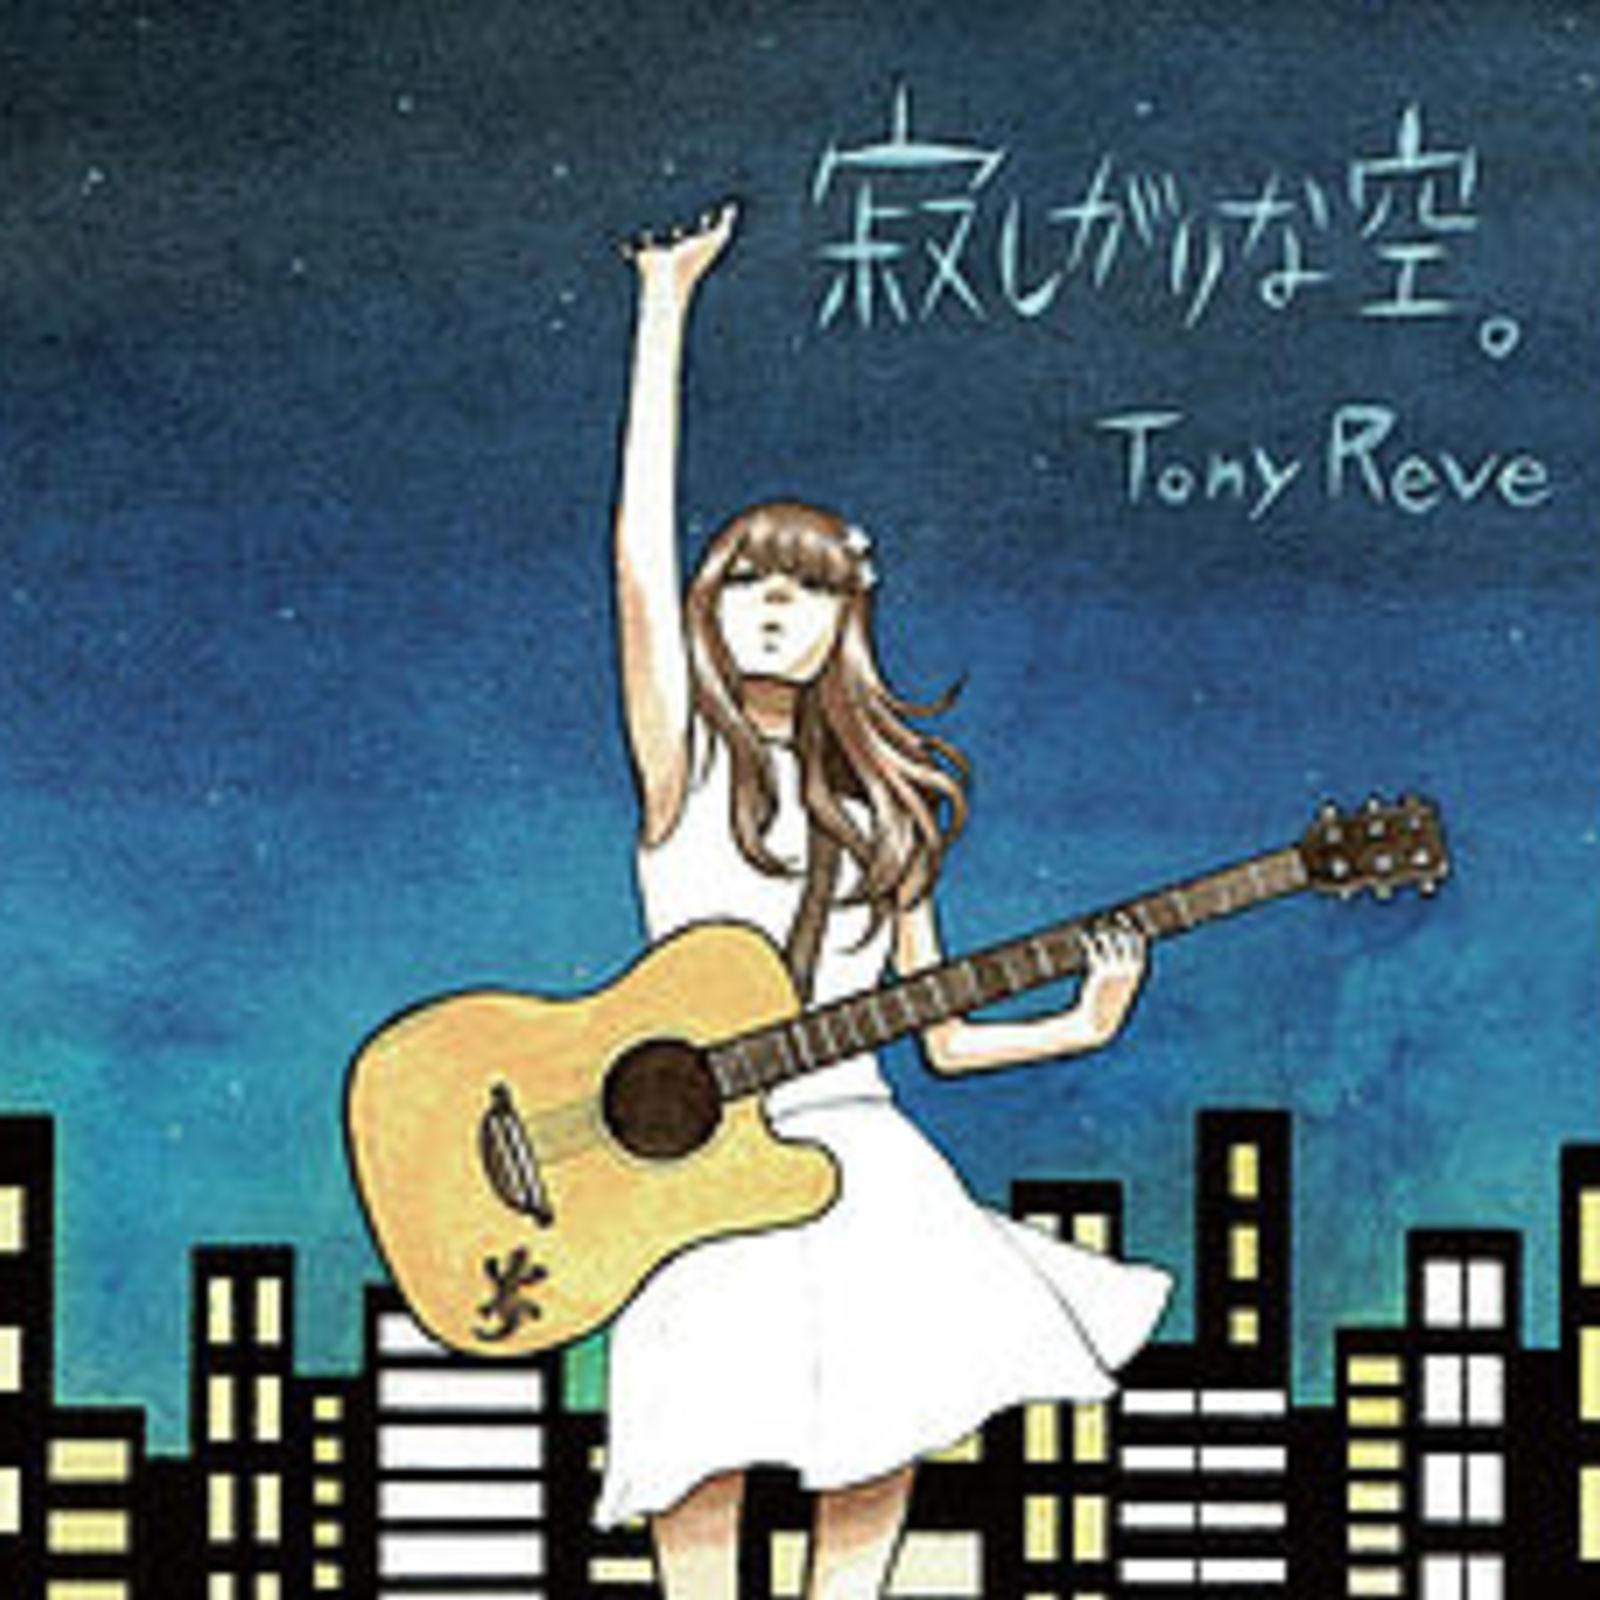 Tony Reve